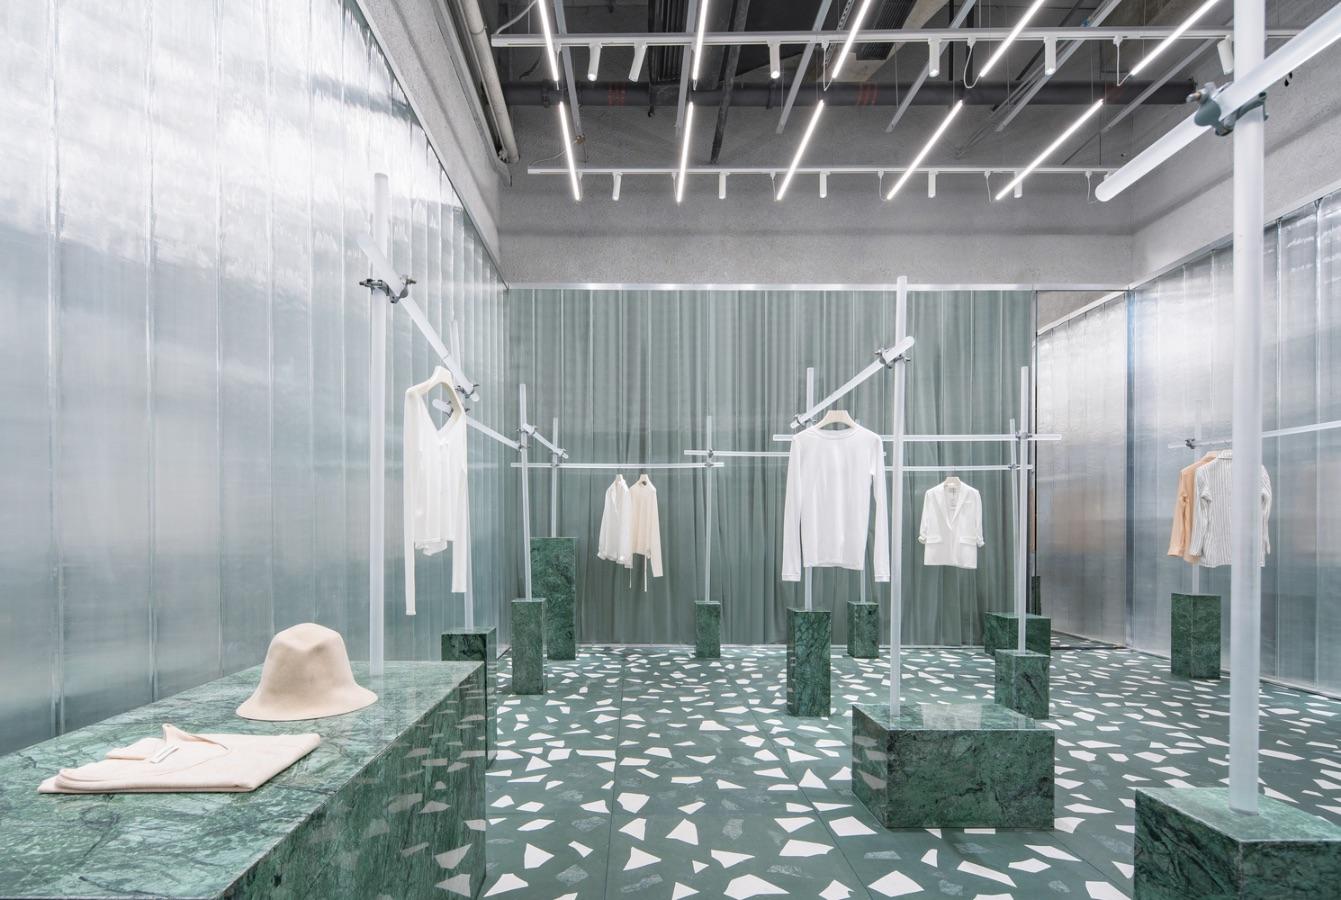 9_Geijoeng Concept Store_Studio 10_Inspirationist